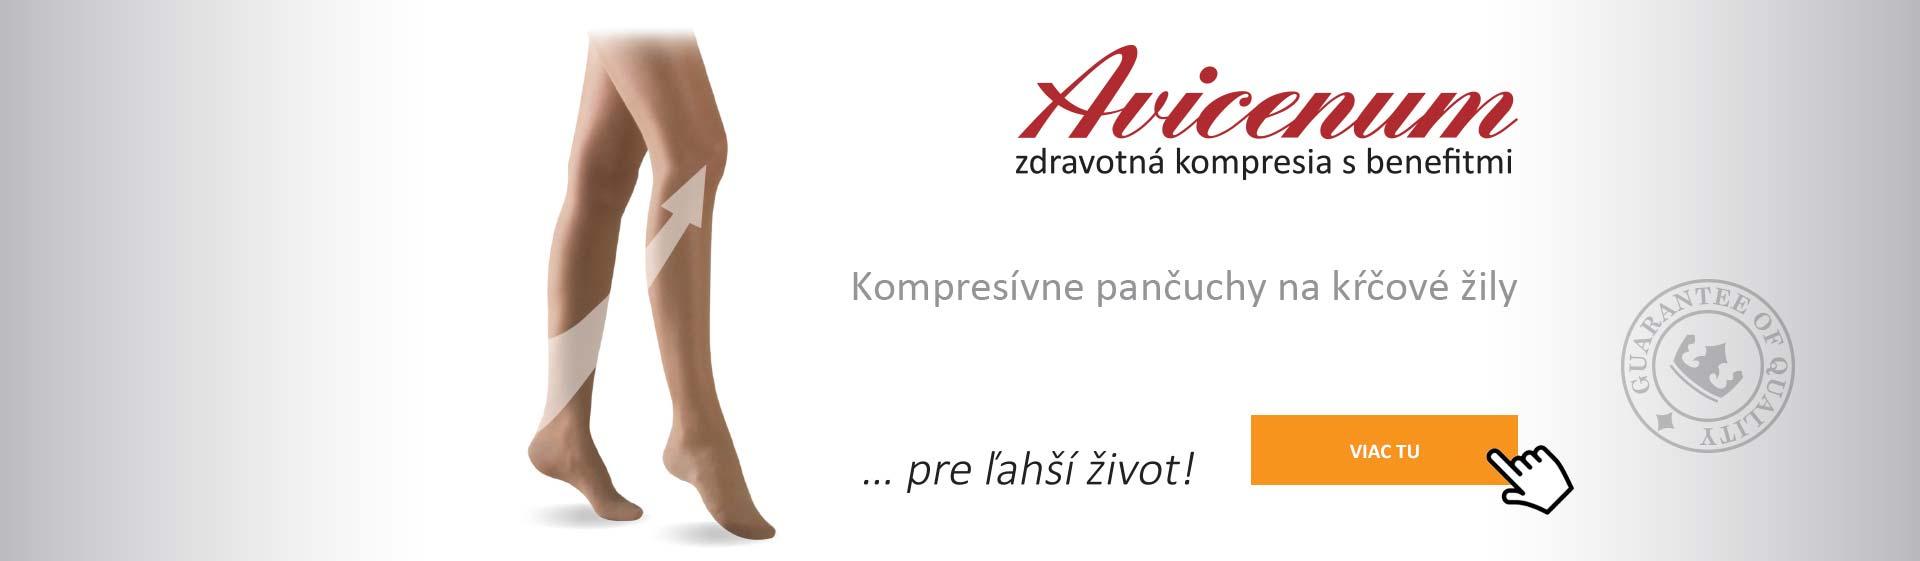 Zdravotné kompresívne pančuchy Avicenum ... kliknite tu